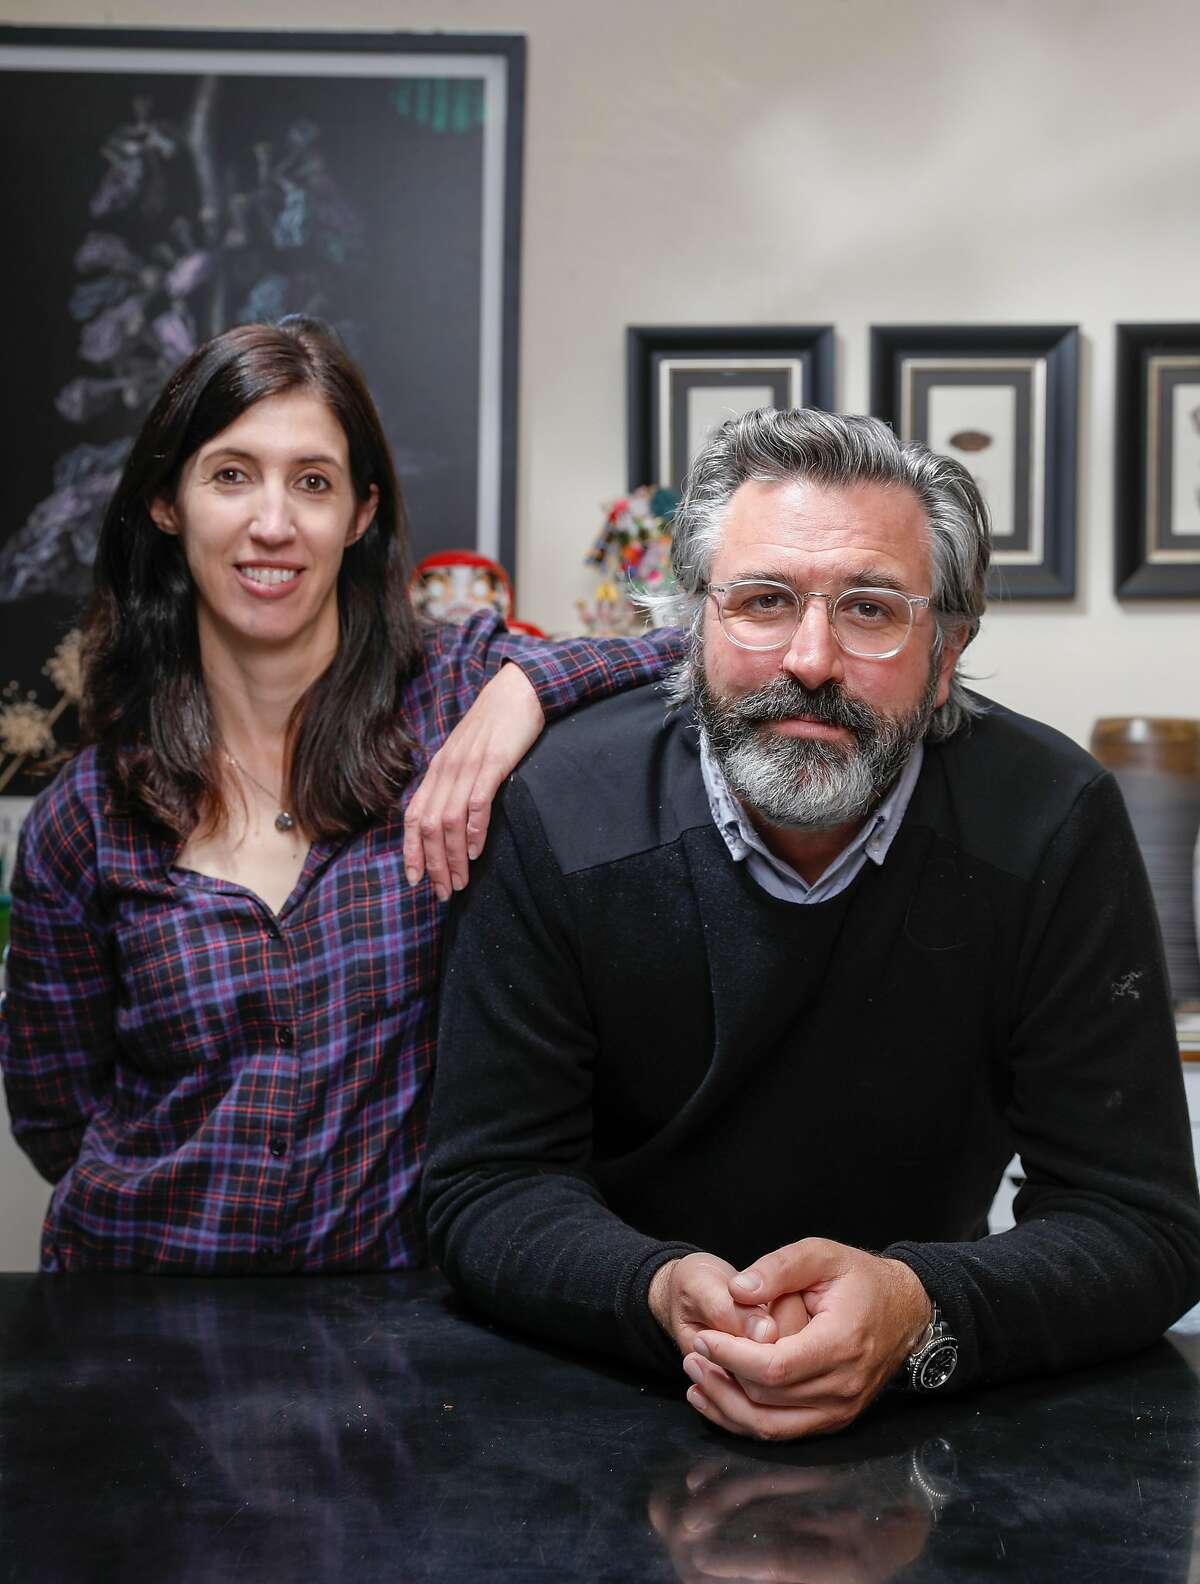 Samantha Sheehan and Michael McDermott at his studio.